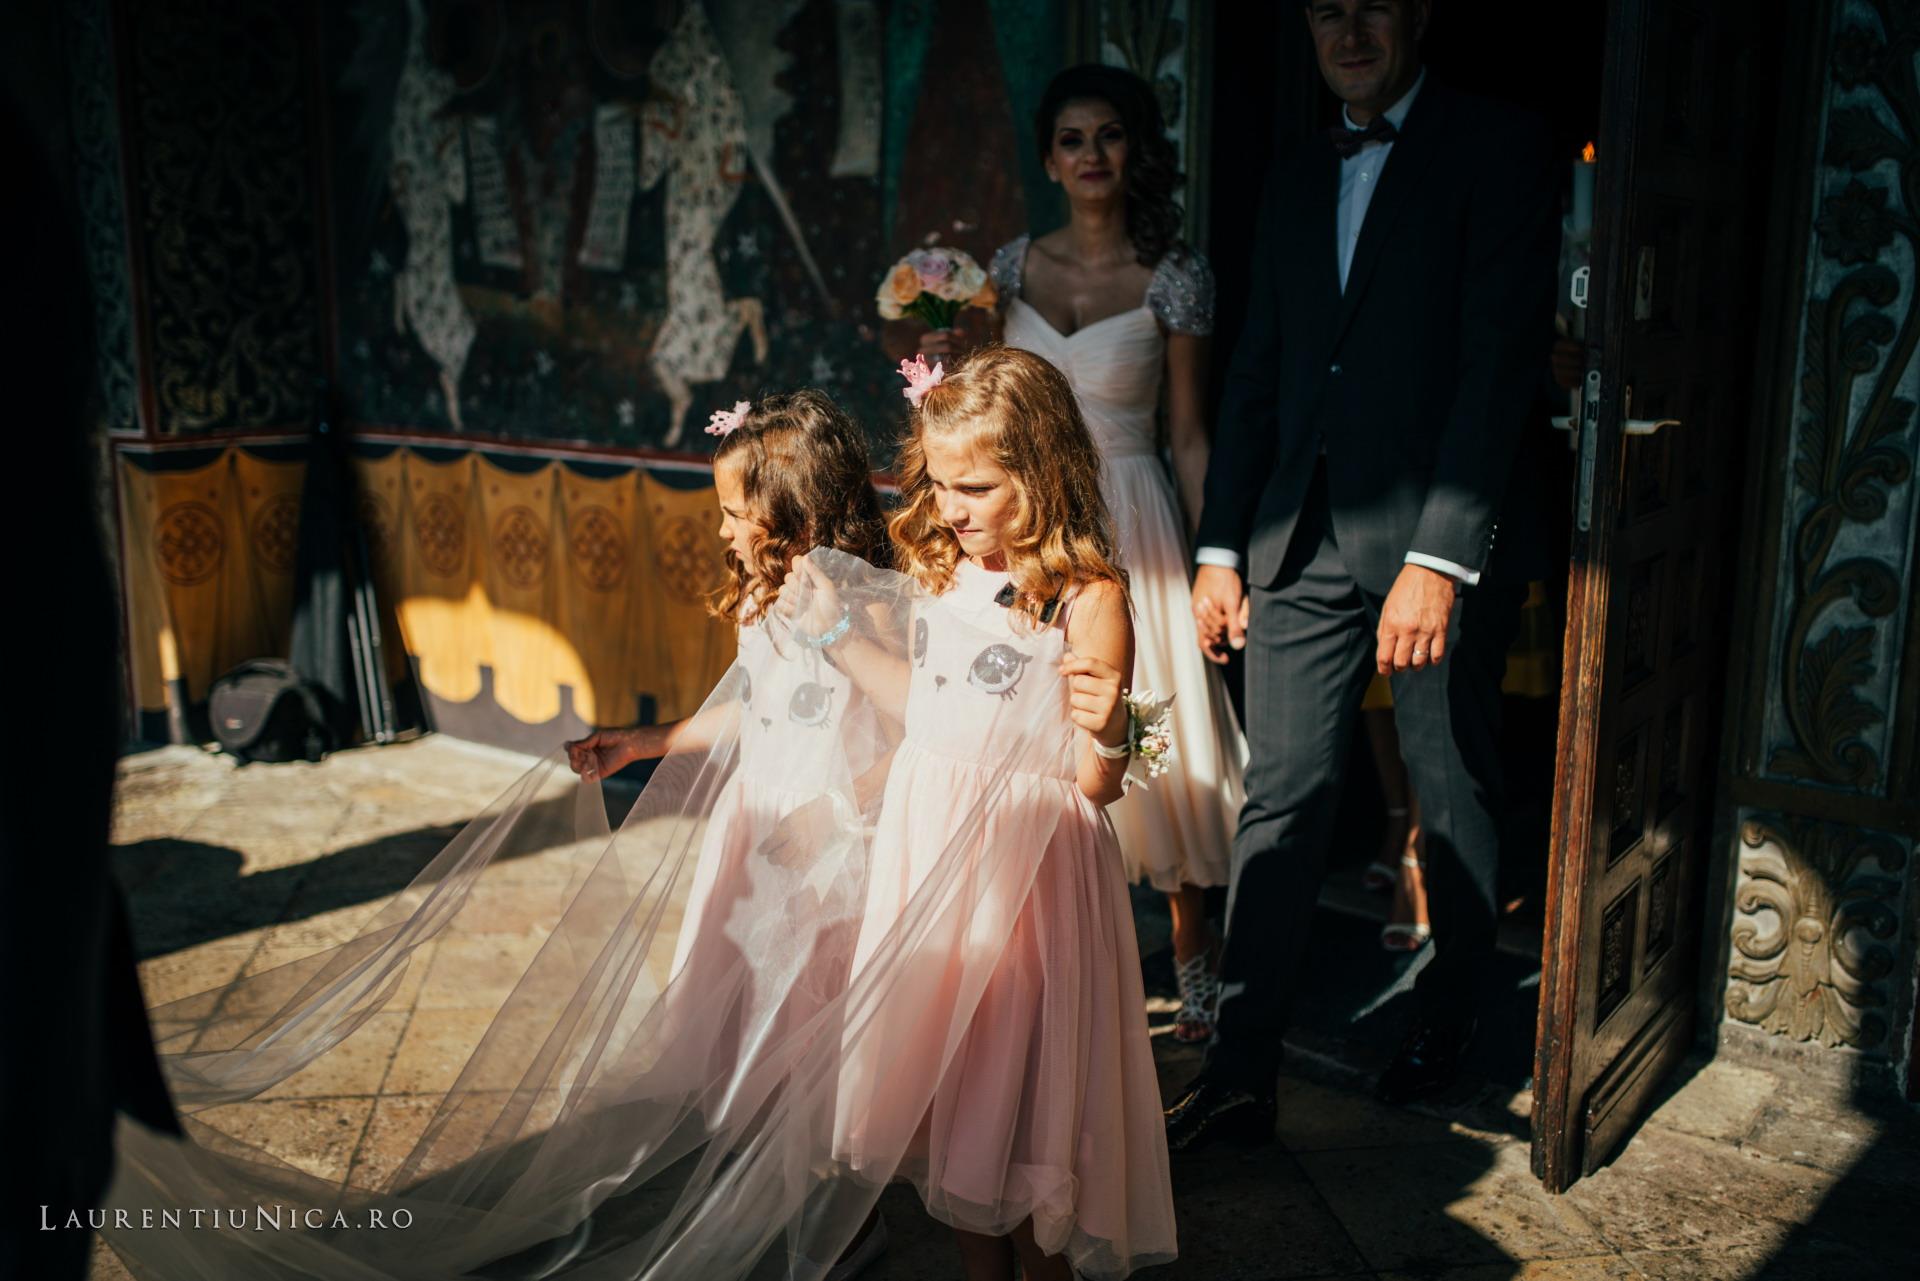 carolina si sorin craiova fotograf nunta laurentiu nica31 - Carolina & Sorin | Fotografii nunta